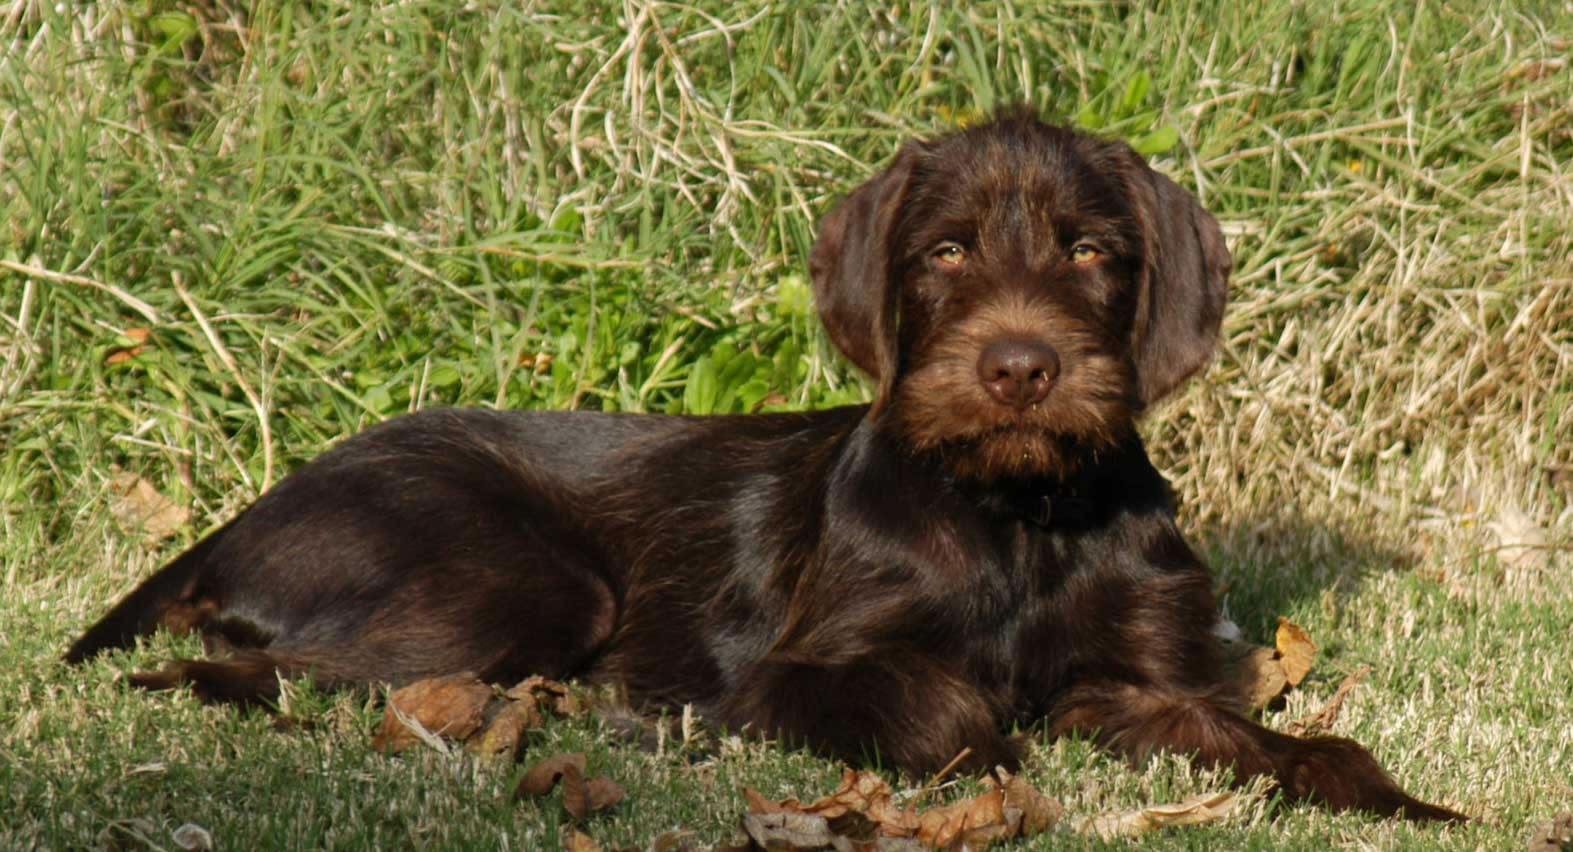 ... dog photo and wa